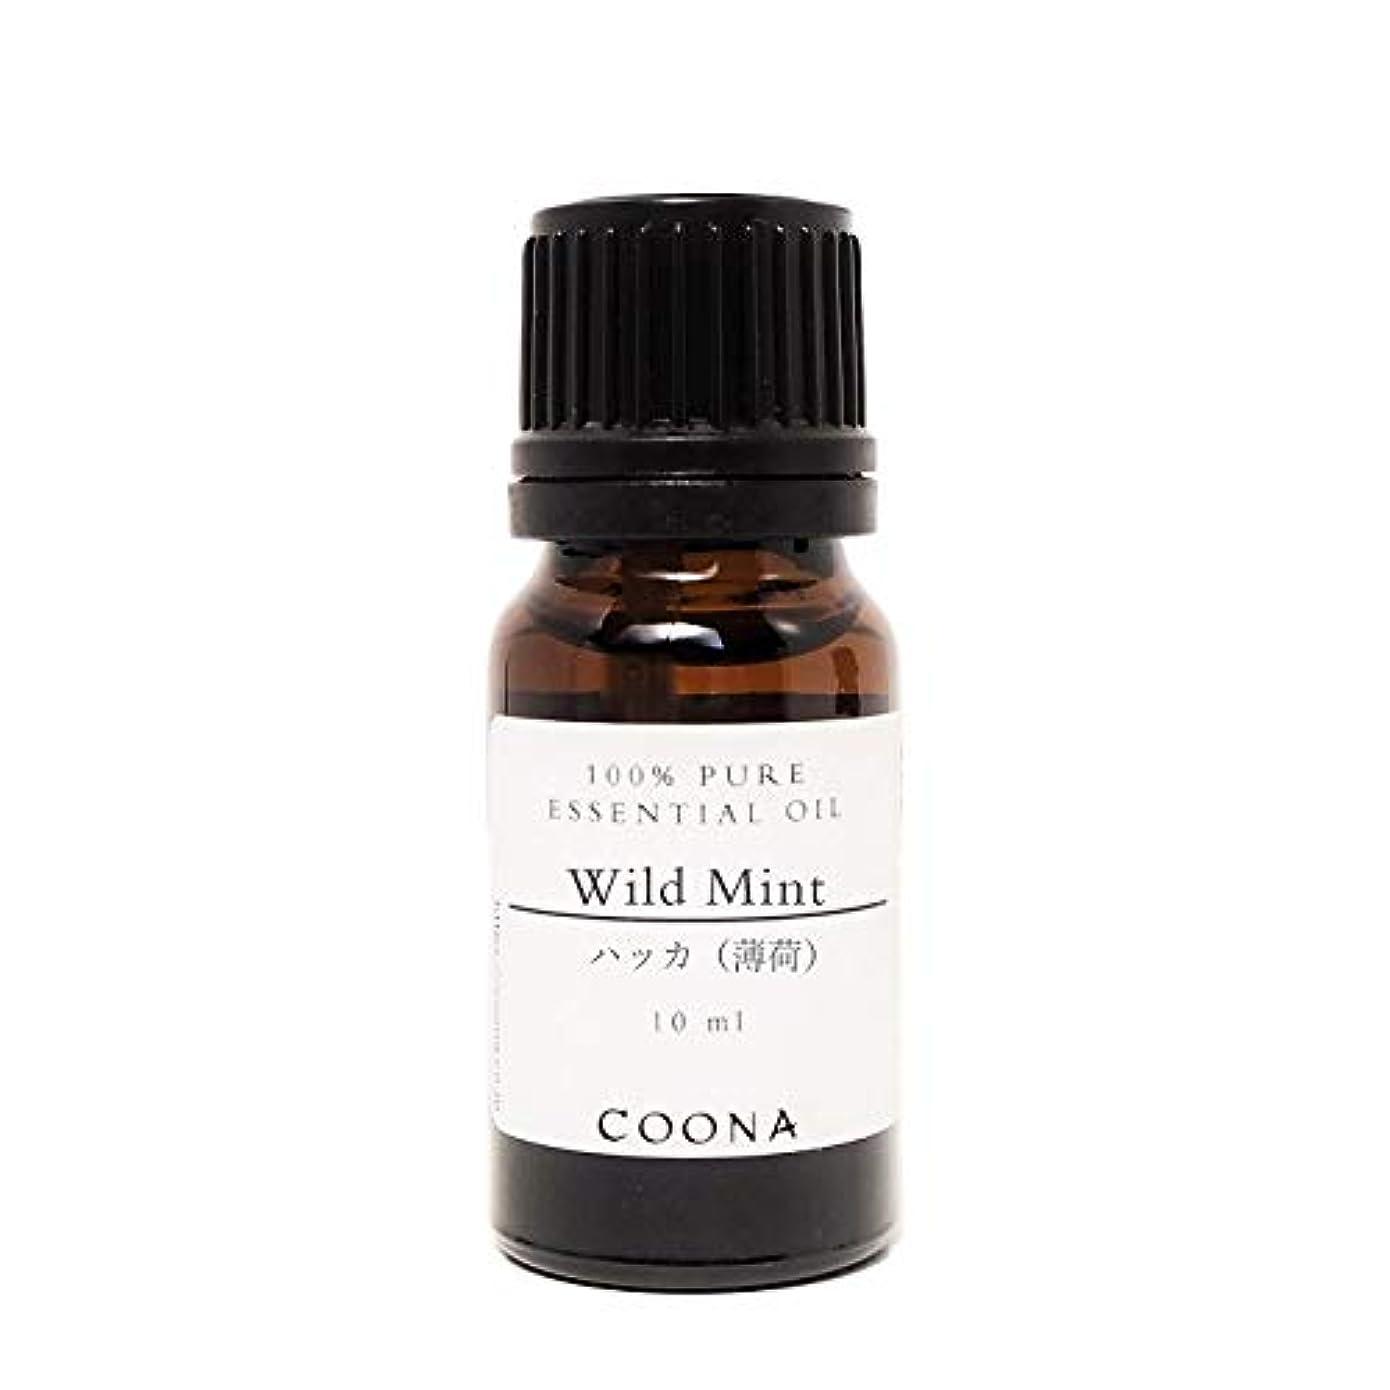 数値喜び屋内でハッカ (薄荷) 10 ml (COONA エッセンシャルオイル アロマオイル 100%天然植物精油)